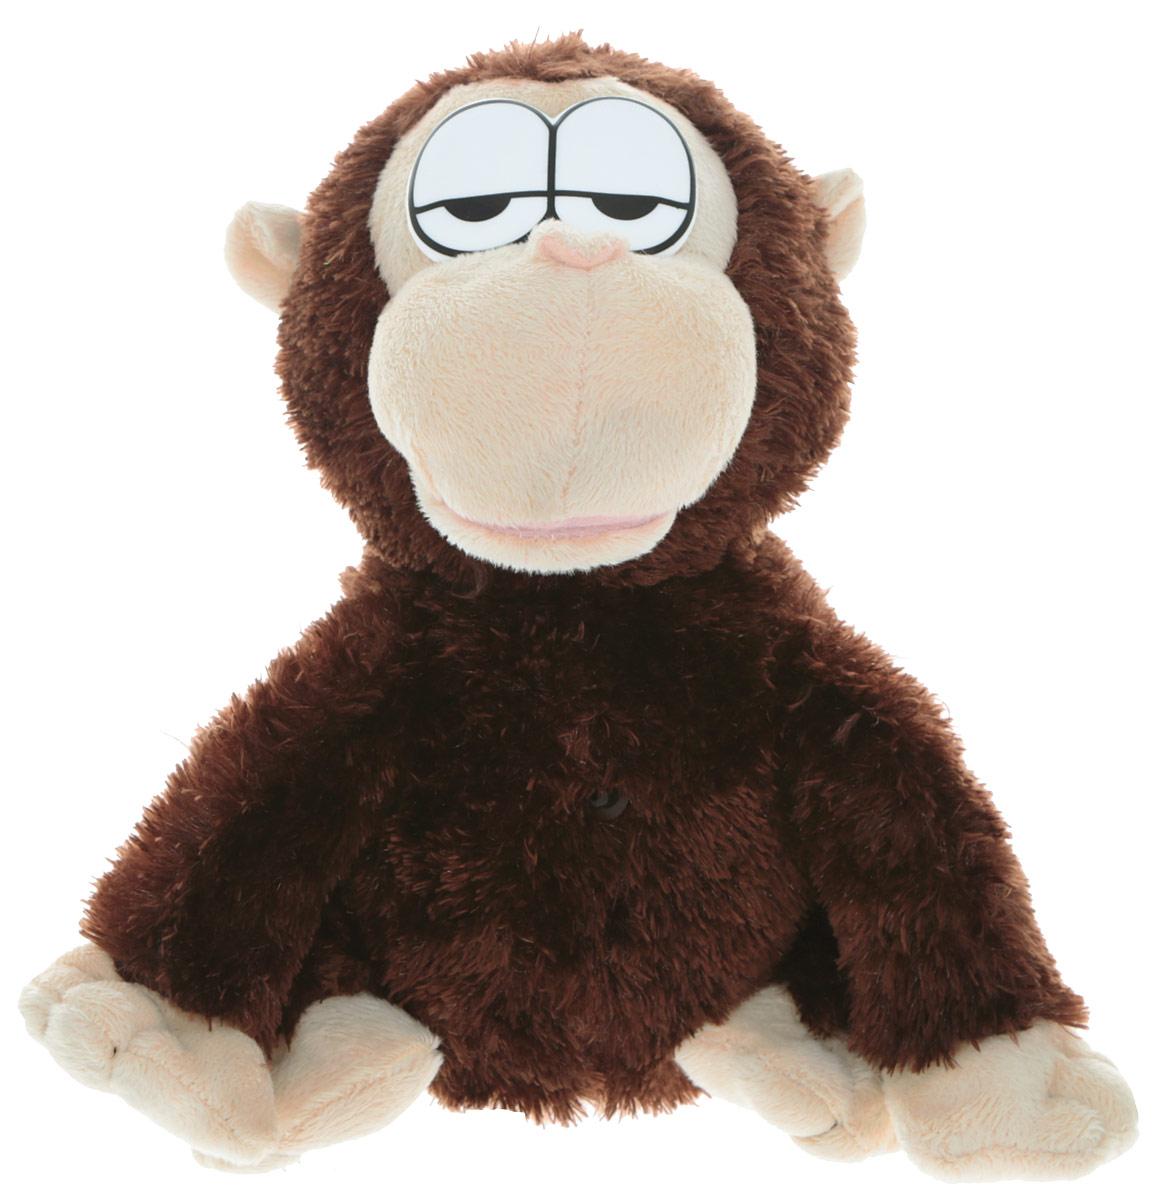 Chericole Интерактивная мягкая игрушка Говорящая обезьянкаCTC-CB-818Интерактивная мягкая игрушка Chericole Говорящая обезьянка привлечет внимание вашего ребенка и не оставит его равнодушным! Мягкая говорящая игрушка в виде очаровательной обезьянки насмешит своего обладателя, она будет весело повторять за вами каждое слово забавным тонким голосом. Поставьте выключатель, который находится на коробке с батарейками, в позицию ON. Датчик света активирует игрушку. Как только датчик зафиксирует любые изменения света в области перед игрушкой, она скажет Хэллоу!. Данную фразу произнесет только один раз, после чего перейдет в режим прослушал/повторил. Поговорите с игрушкой около 6 секунд, после чего она повторит все услышанное своим смешным голосом. Если в течение двух минут игрушка не услышит ни разговоров, ни других звуков, то она уснет, произведя один храпящий звук. Если после этого кто-то пройдет мимо или посветит на игрушку, то световой сенсор разбудит. Ваш ребенок будет в восторге от такого подарка! Необходимо ...